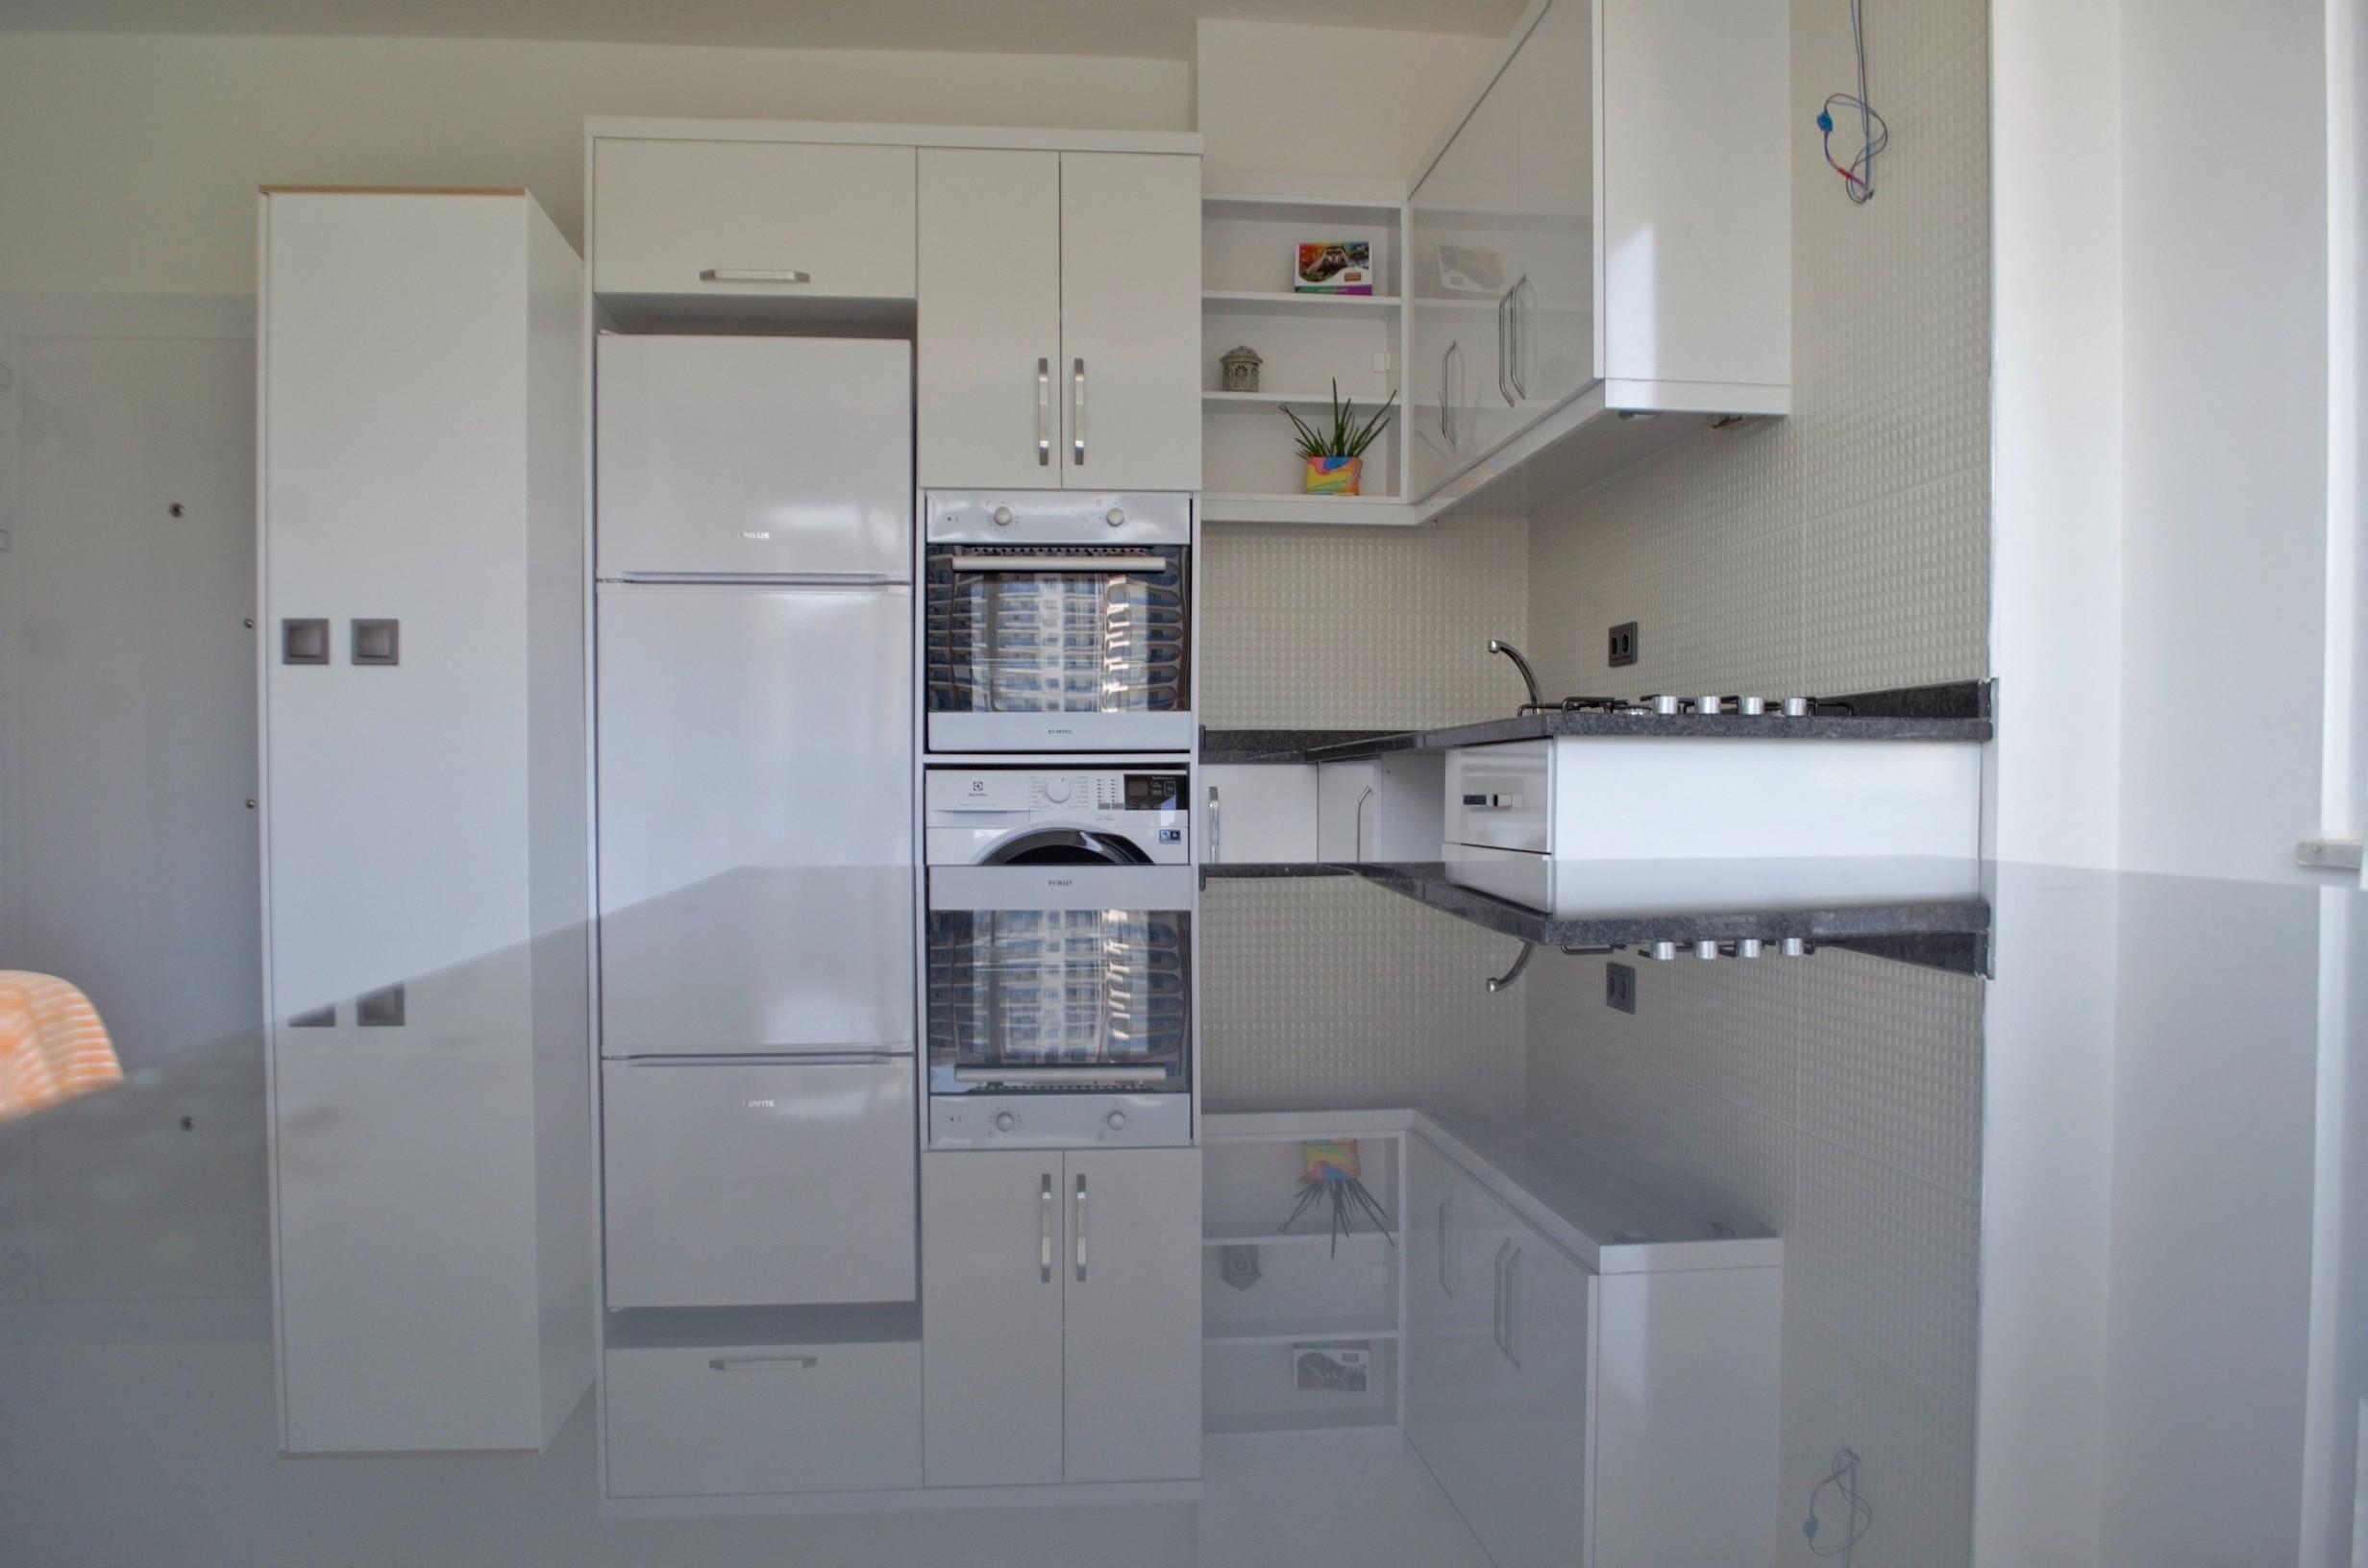 Меблированная квартира 1+1 в комплексе с инфраструктурой - Фото 33